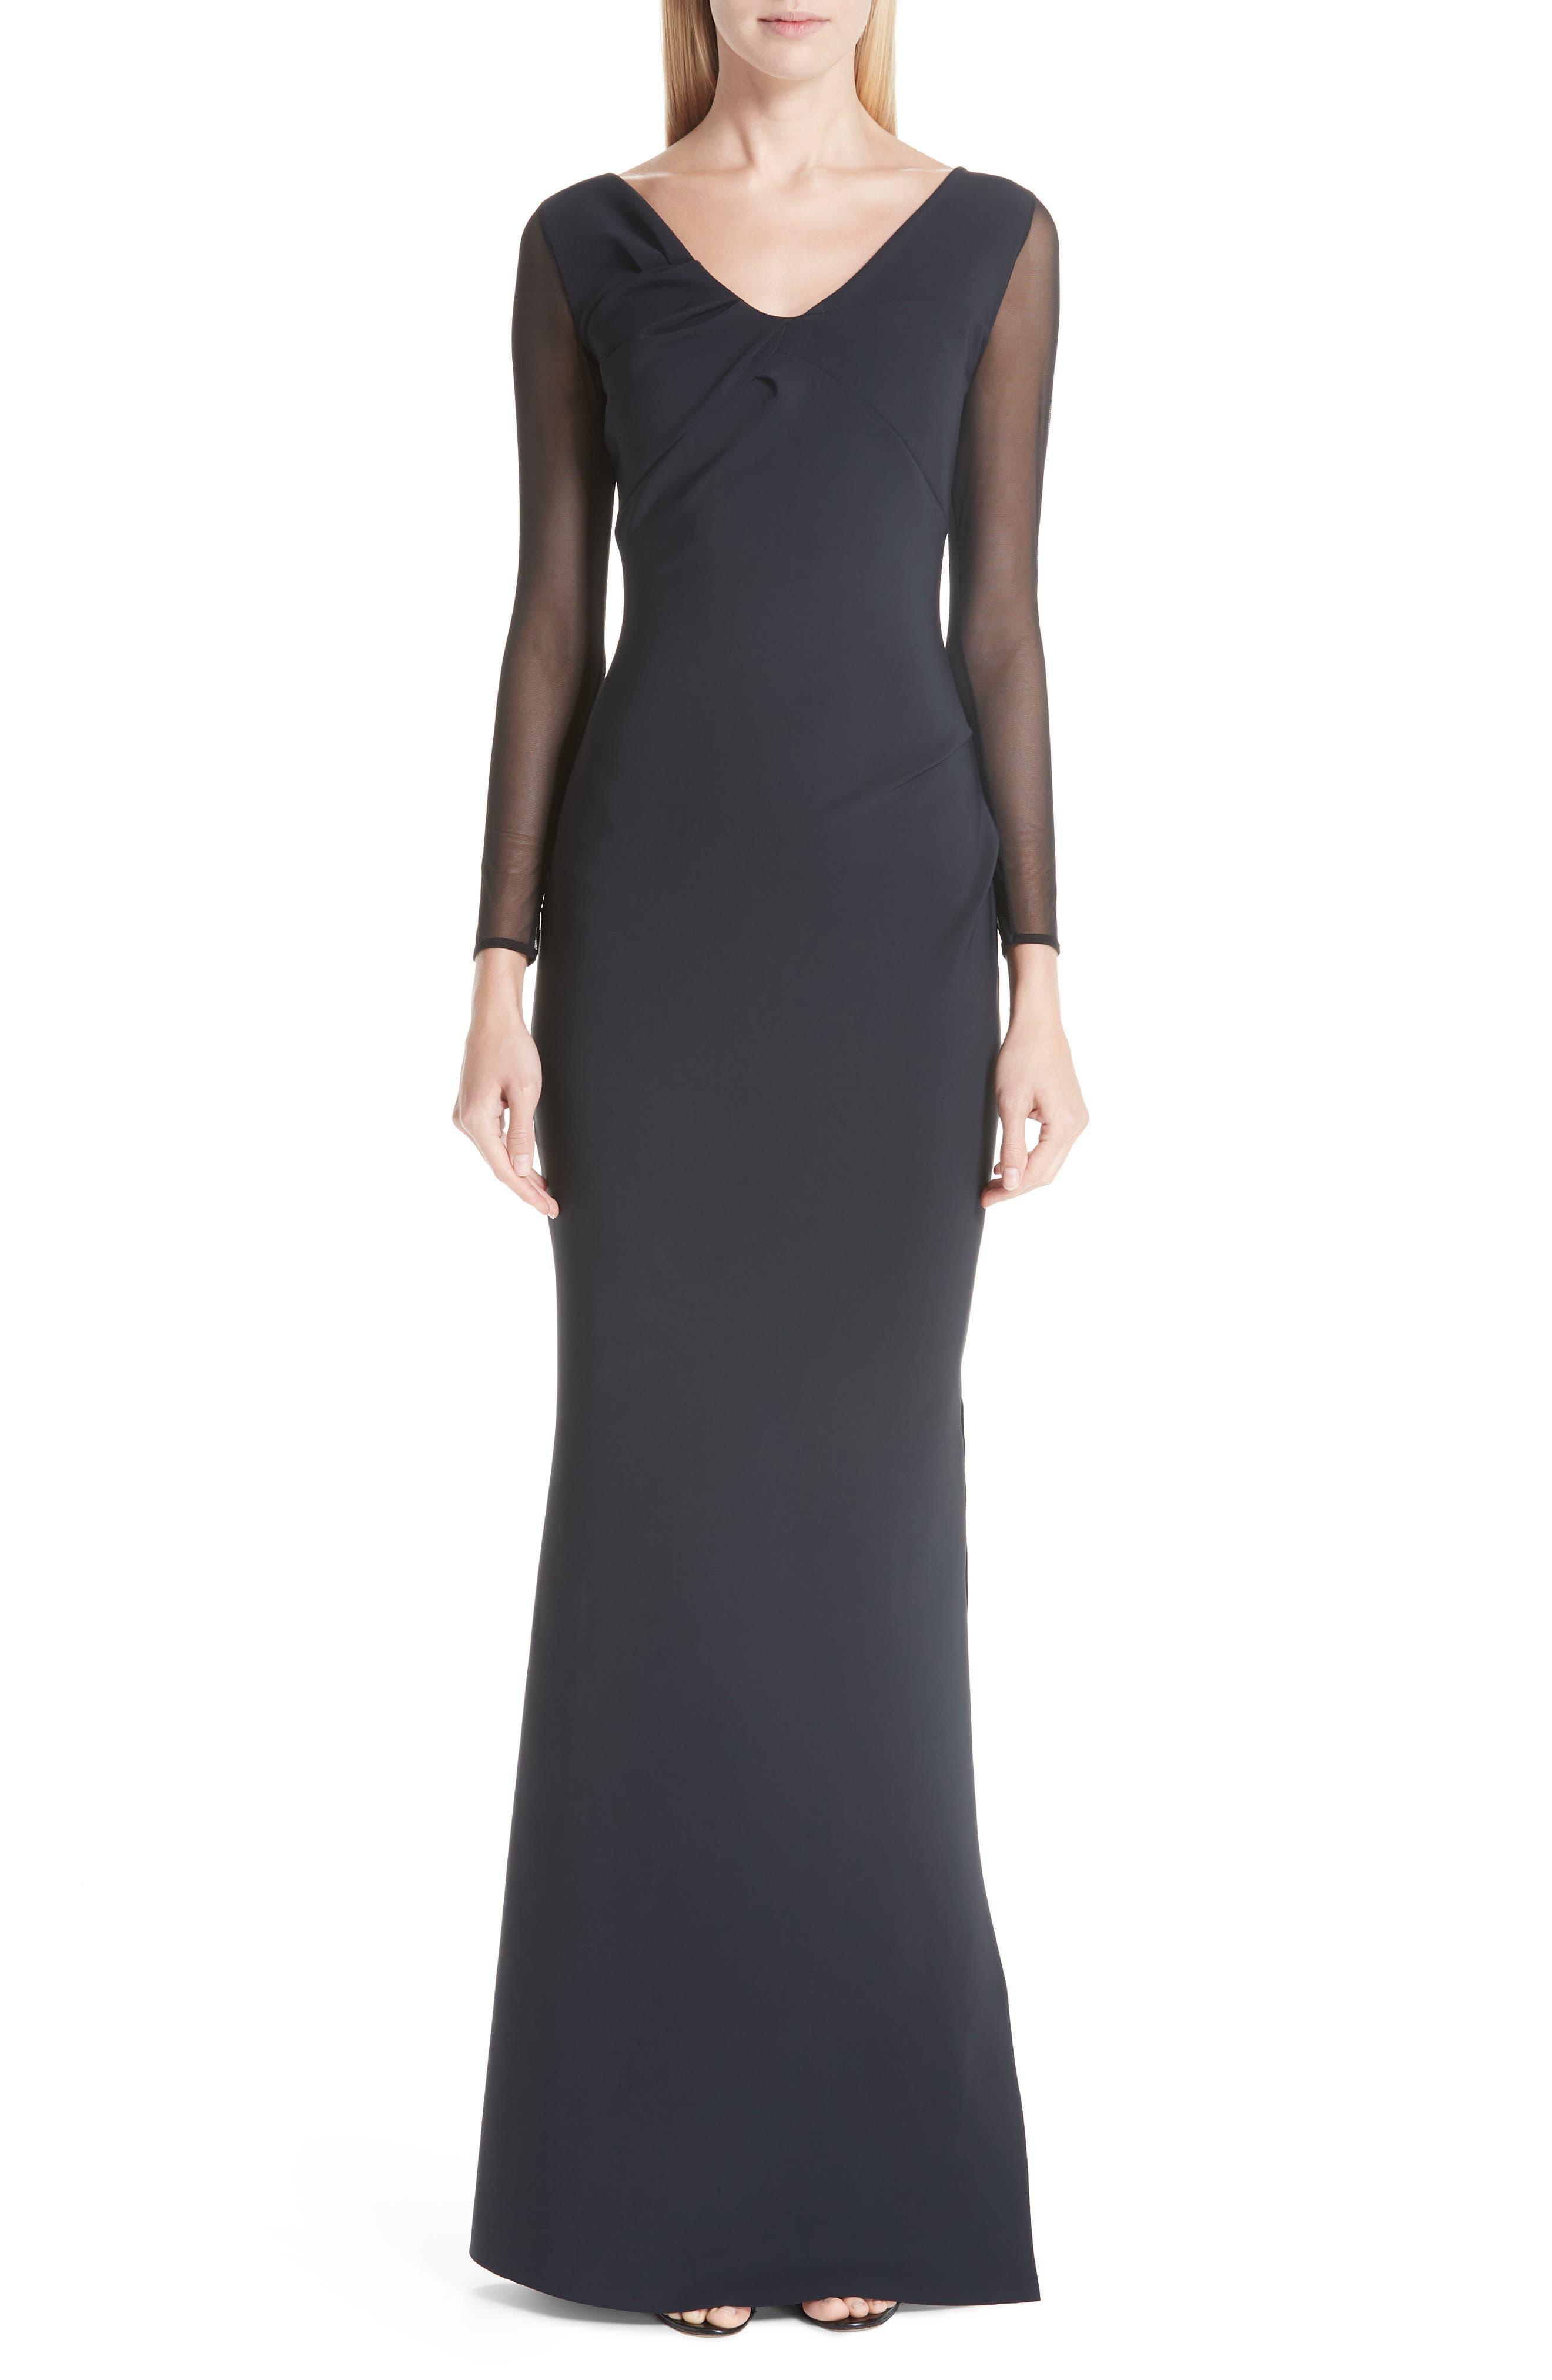 Chiara Boni La Petite Robe Bilgi Mesh Sleeve Evening Dress, 8 IT - Black